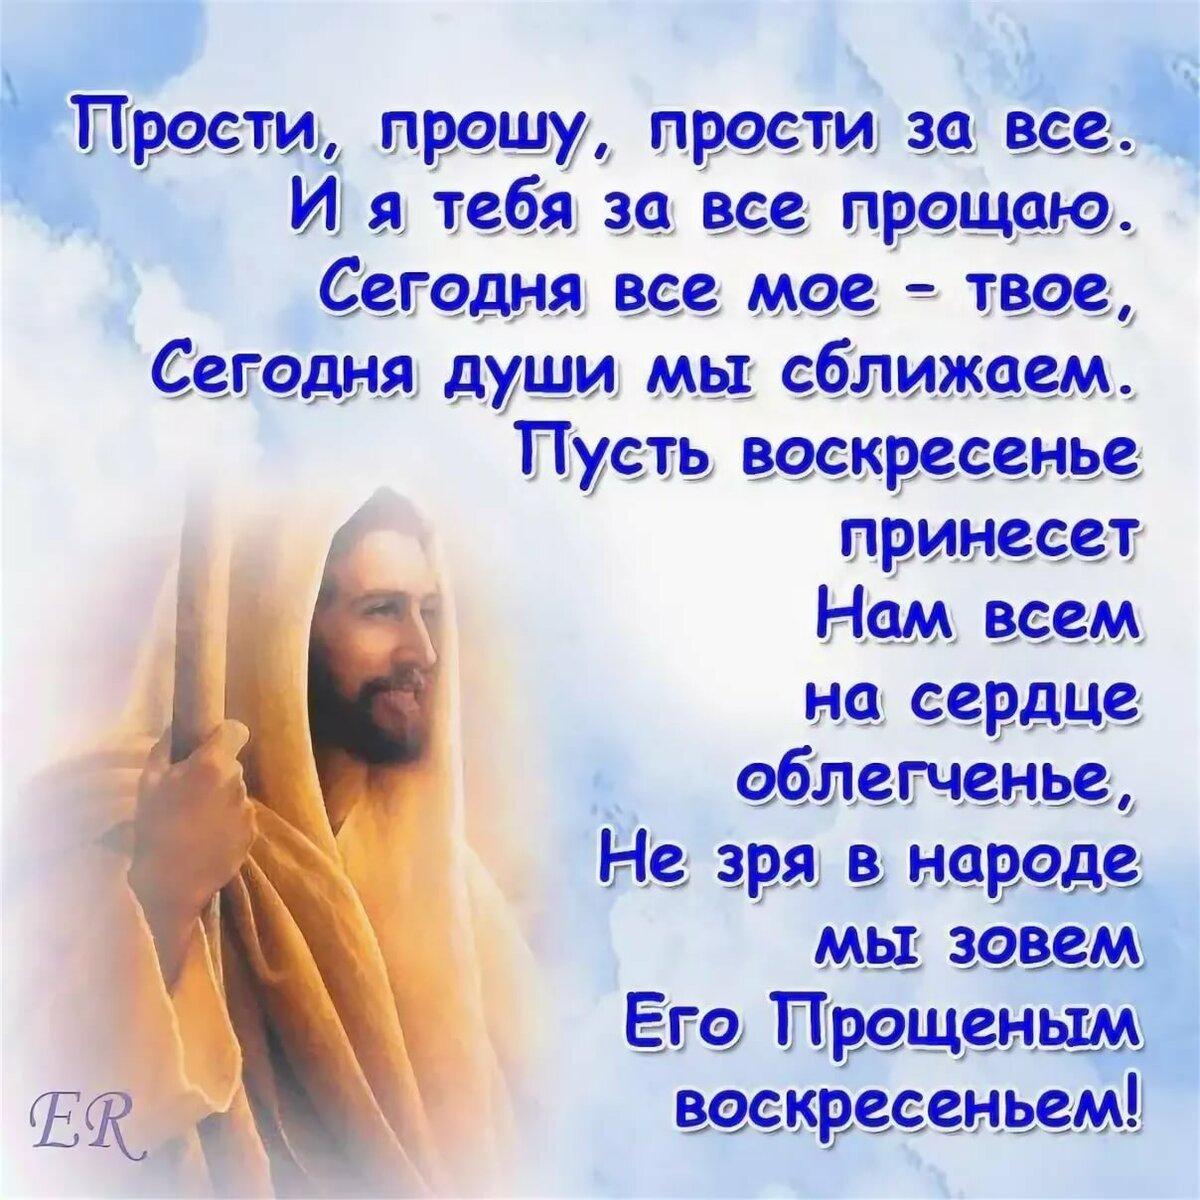 Поздравления с днем прощение воскресенье